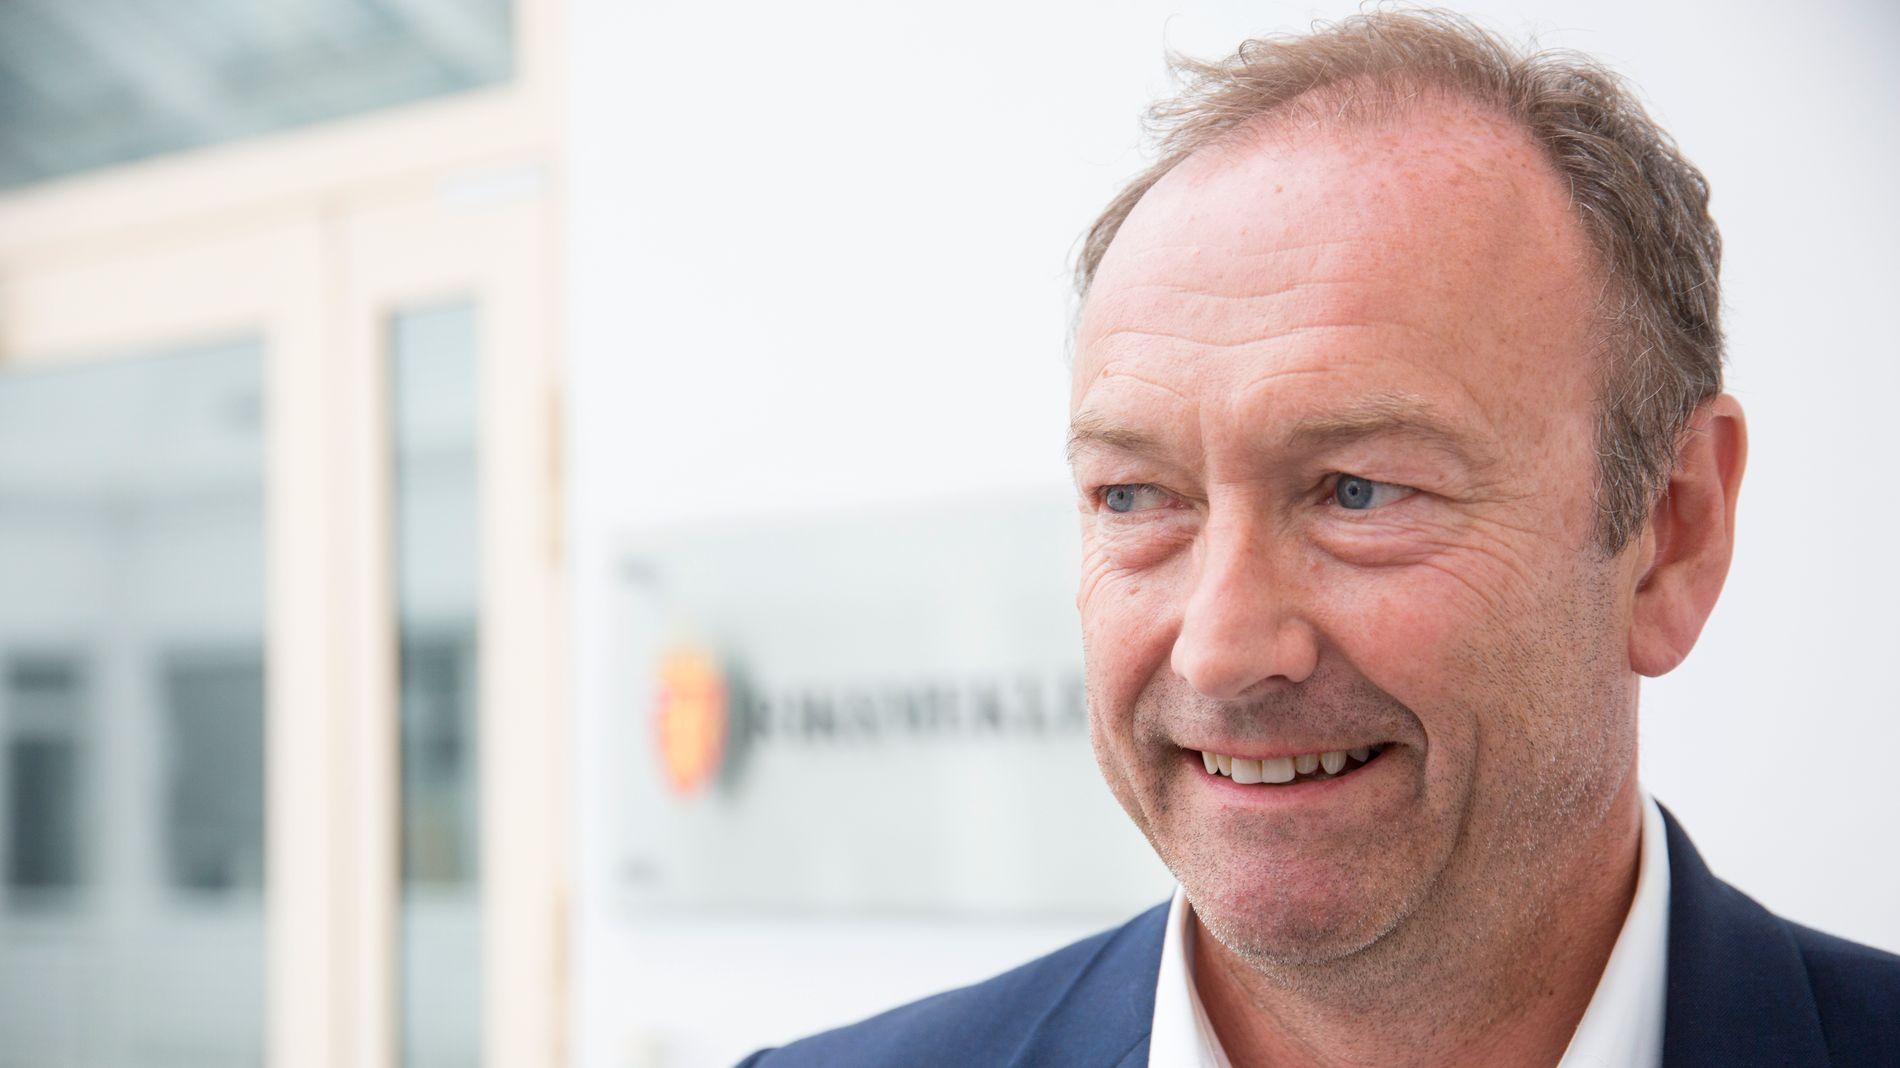 RAMMER OMSTILLINGEN: Knut Morten Johansen, informasjonssjef i SAS, mener selskapets omstillingsevne rammes av avgiftstrykket.